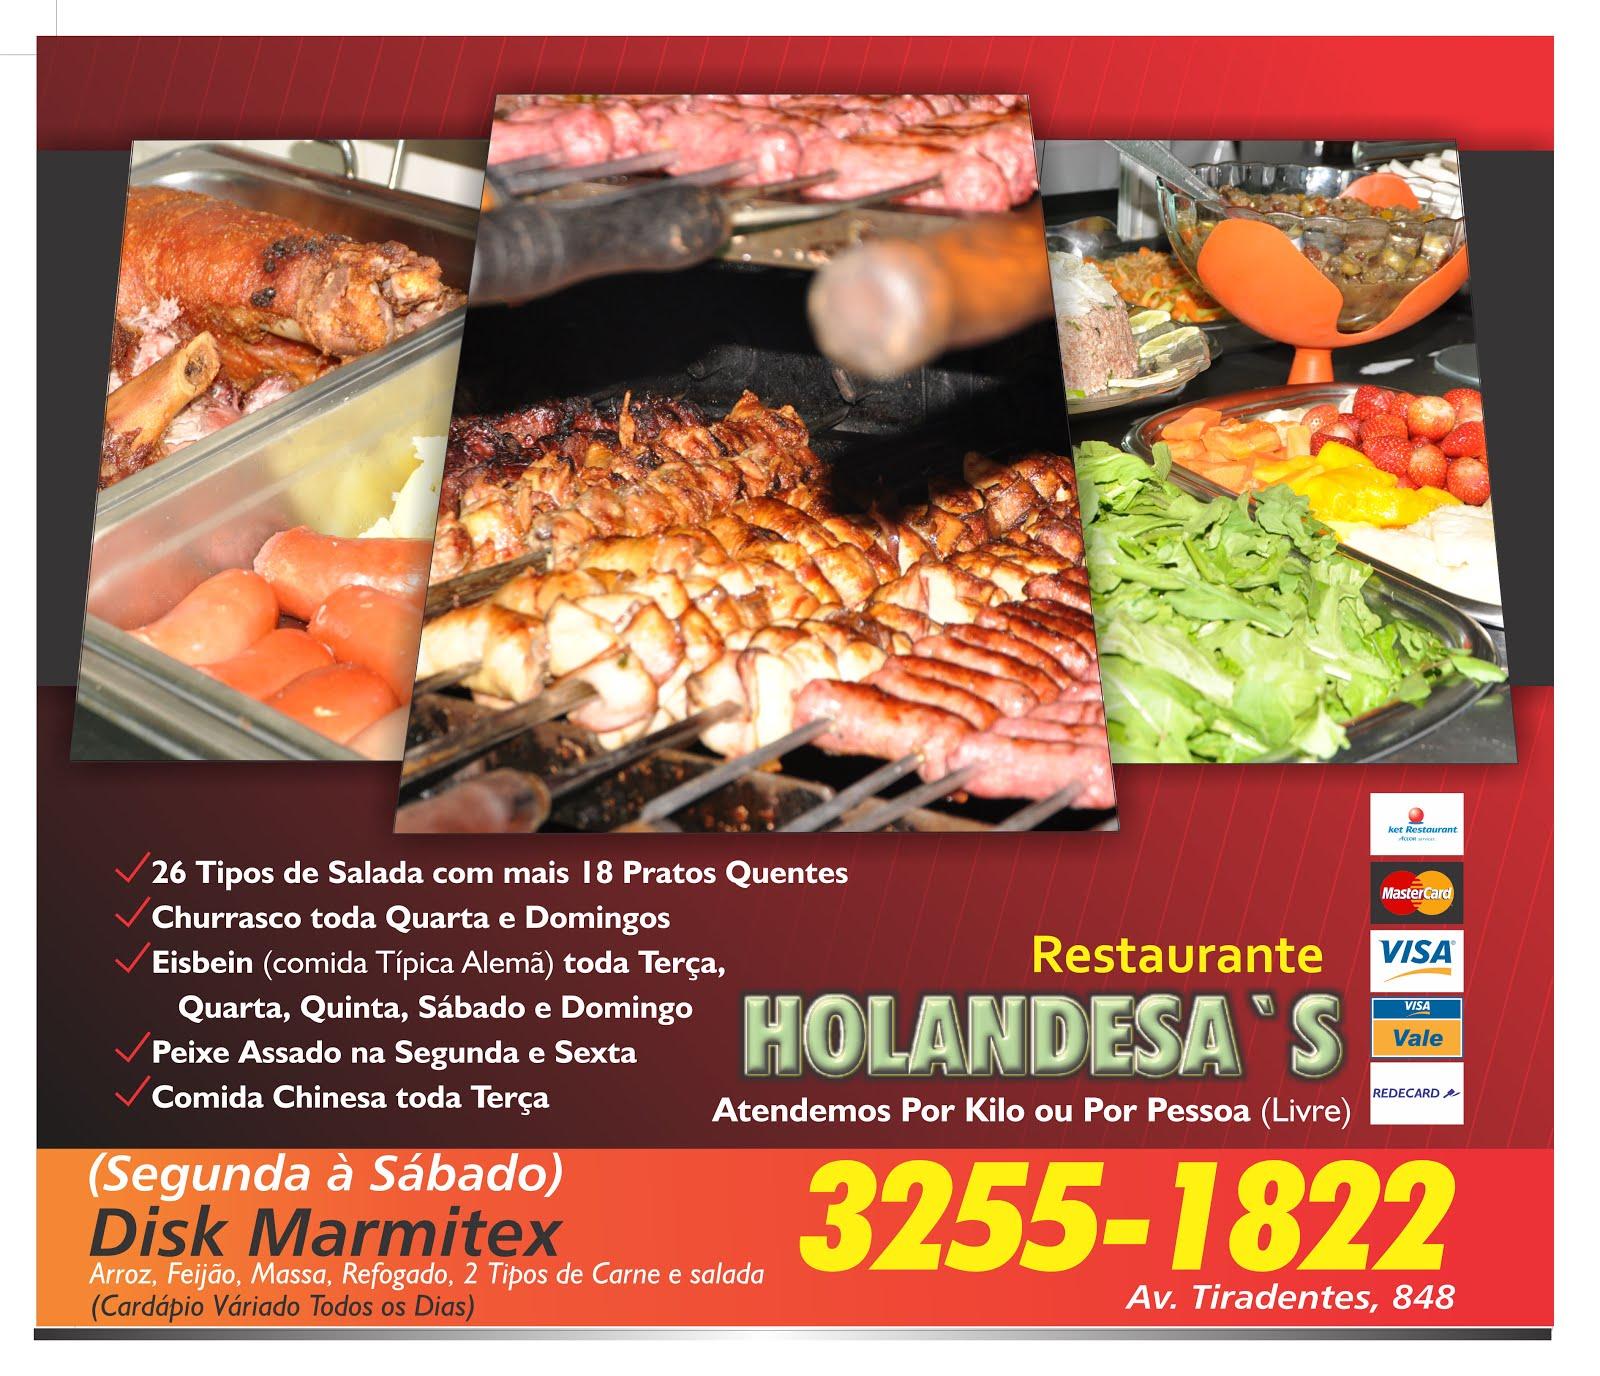 Holandesa's Restaurante